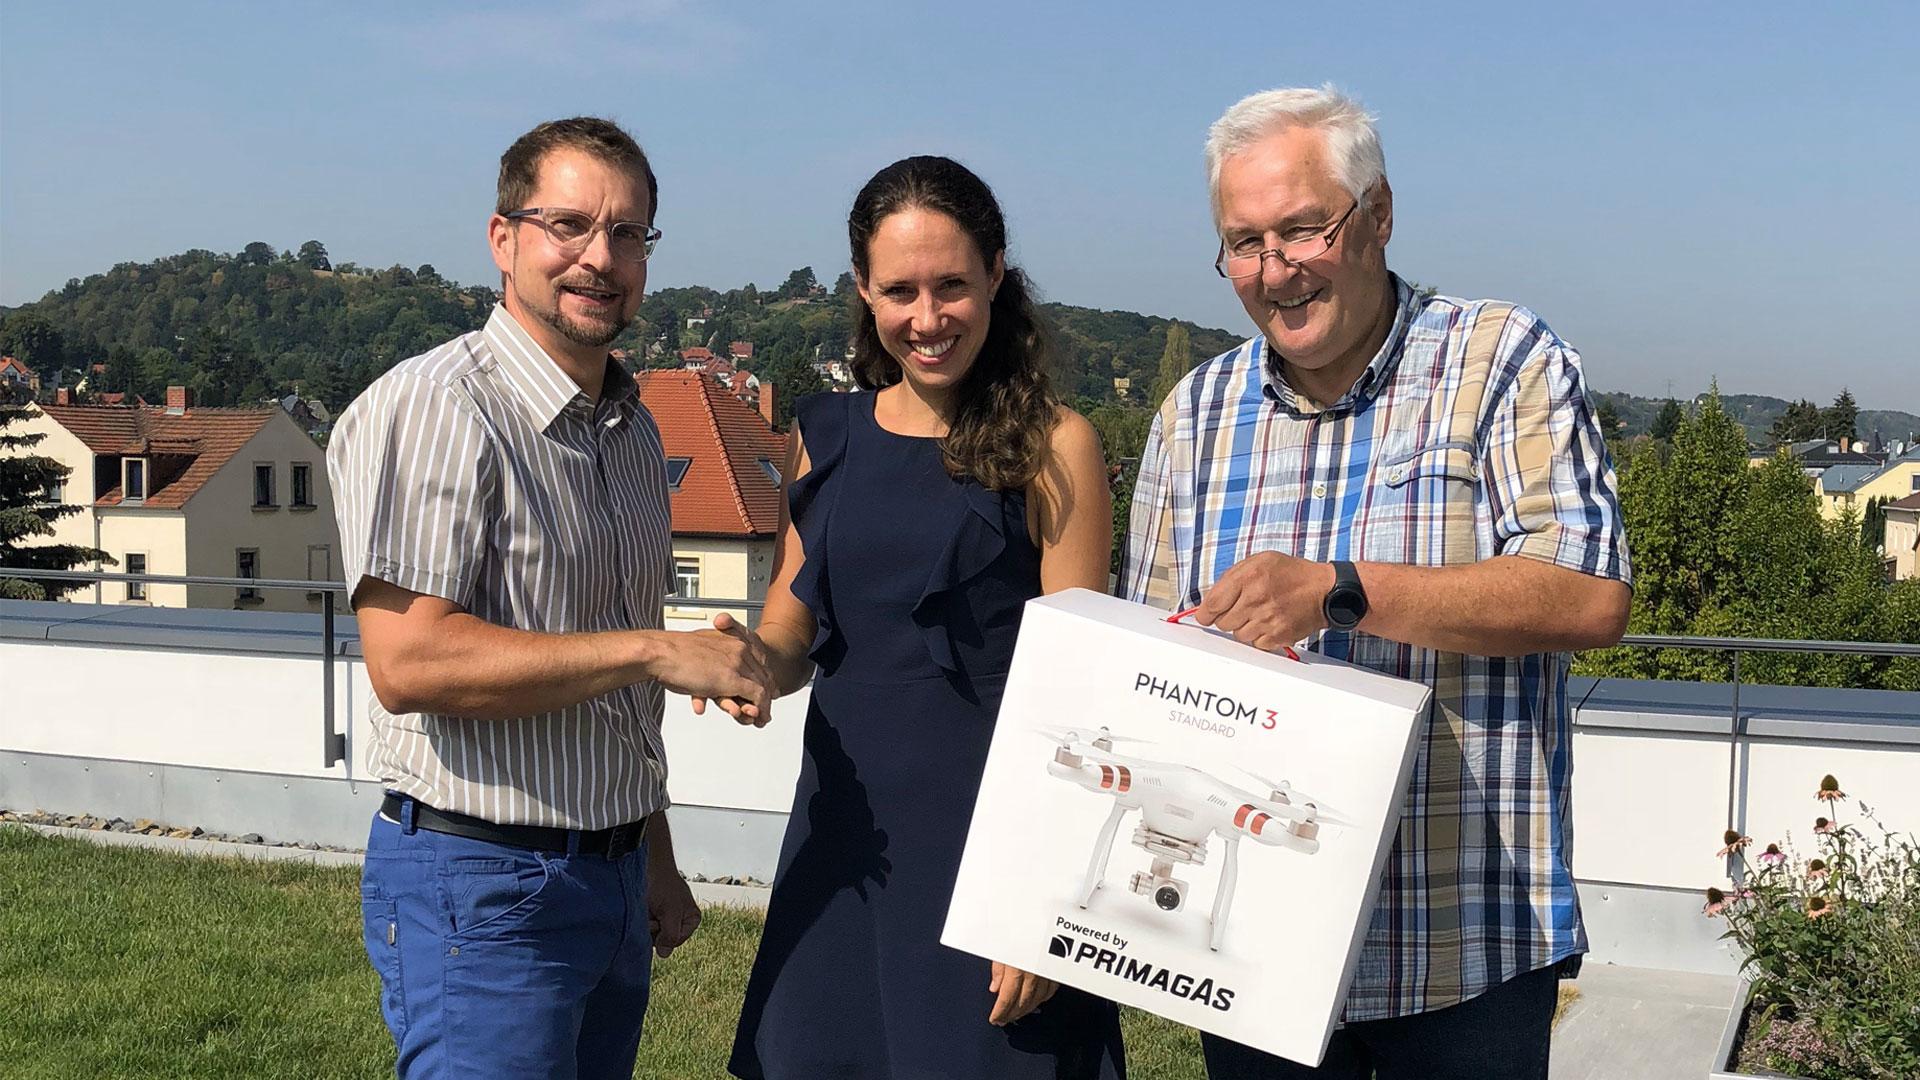 PRIMAGAS Verkaufsleiter Jens Pietzsch, Architektin Maria Herzberg und der regionale PRIMAGAS Vertriebsingenieur Holger Pogrzeba mit Drohne DJI Phantom 3 Standard.